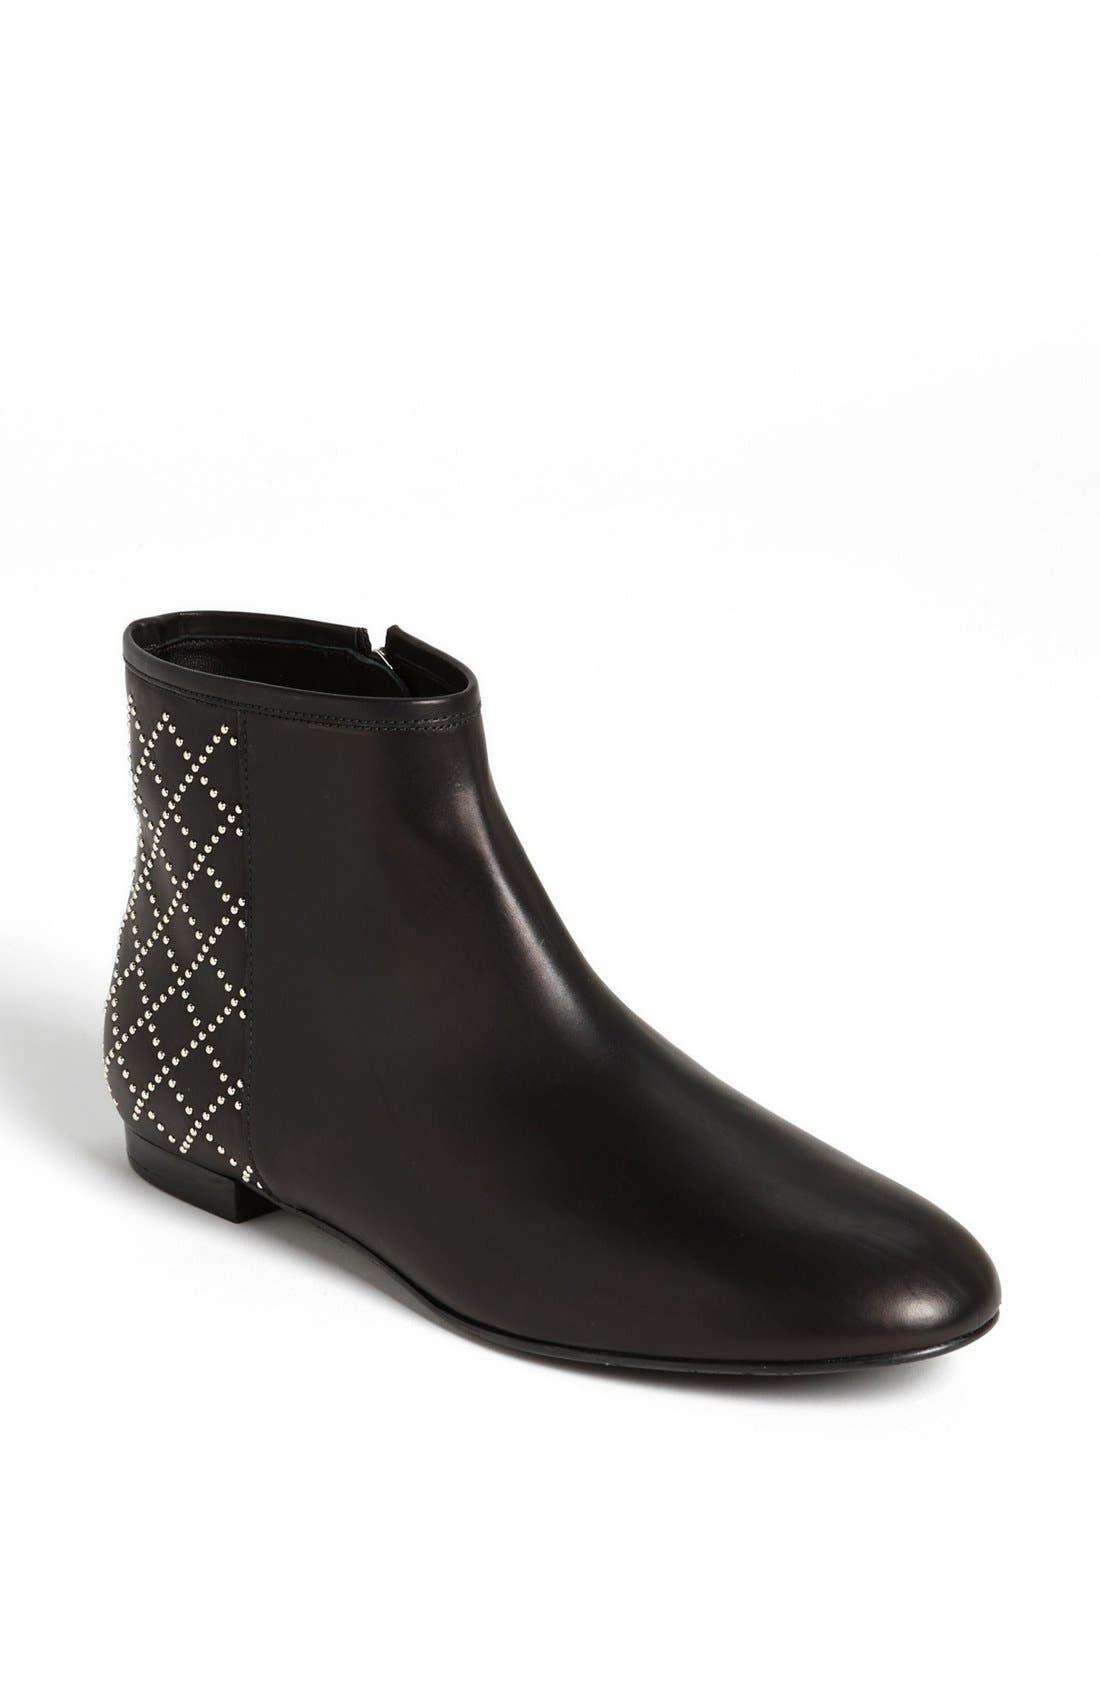 Main Image - Delman 'Milla' Boot